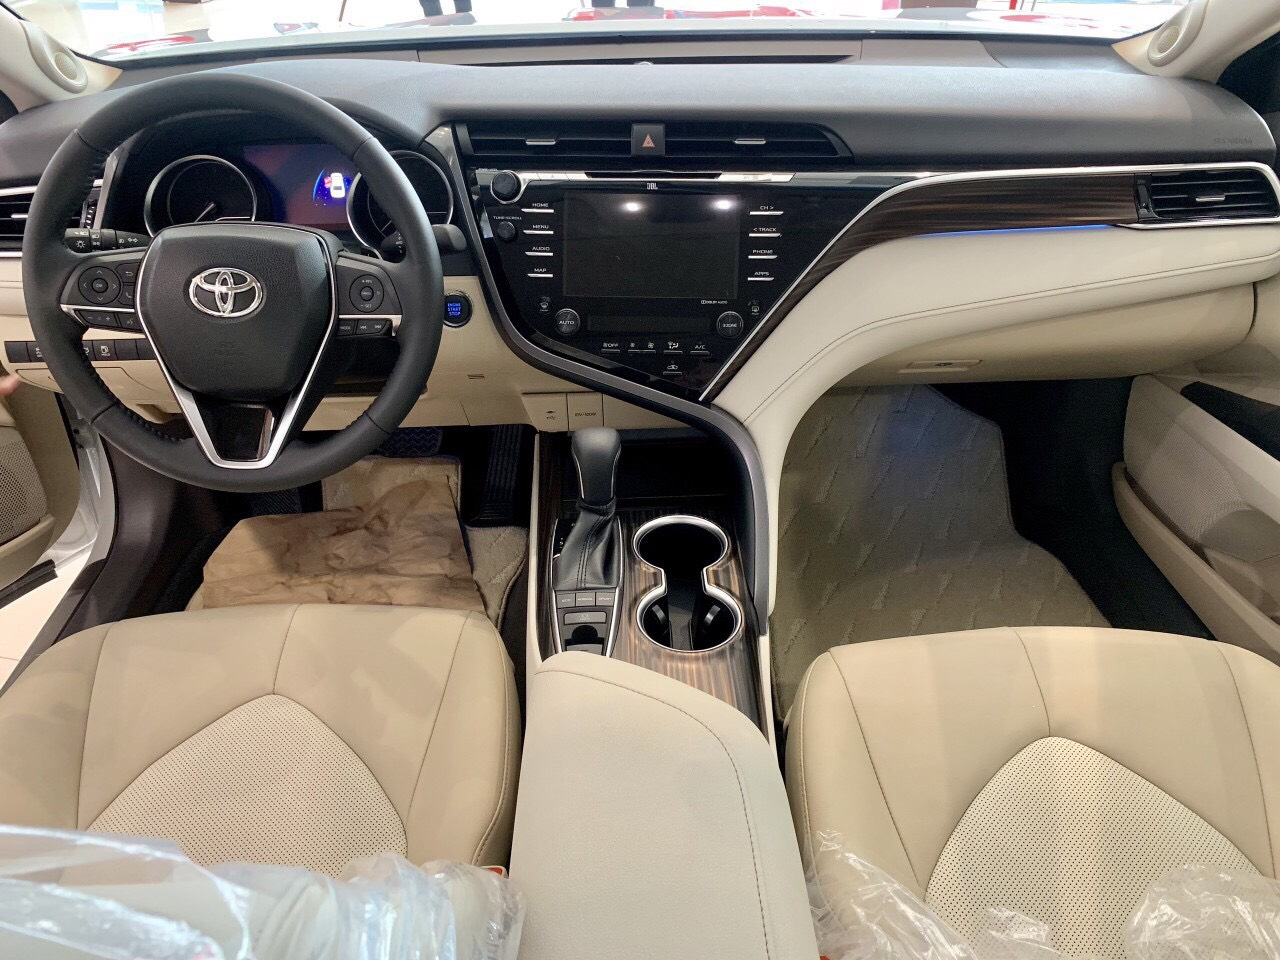 Toyota Camry 2019 nhap khau tai muaxegiabeo 5 - Toyota Camry: giá xe và khuyến mãi cập nhật tháng [hienthithang]/[hienthinam]